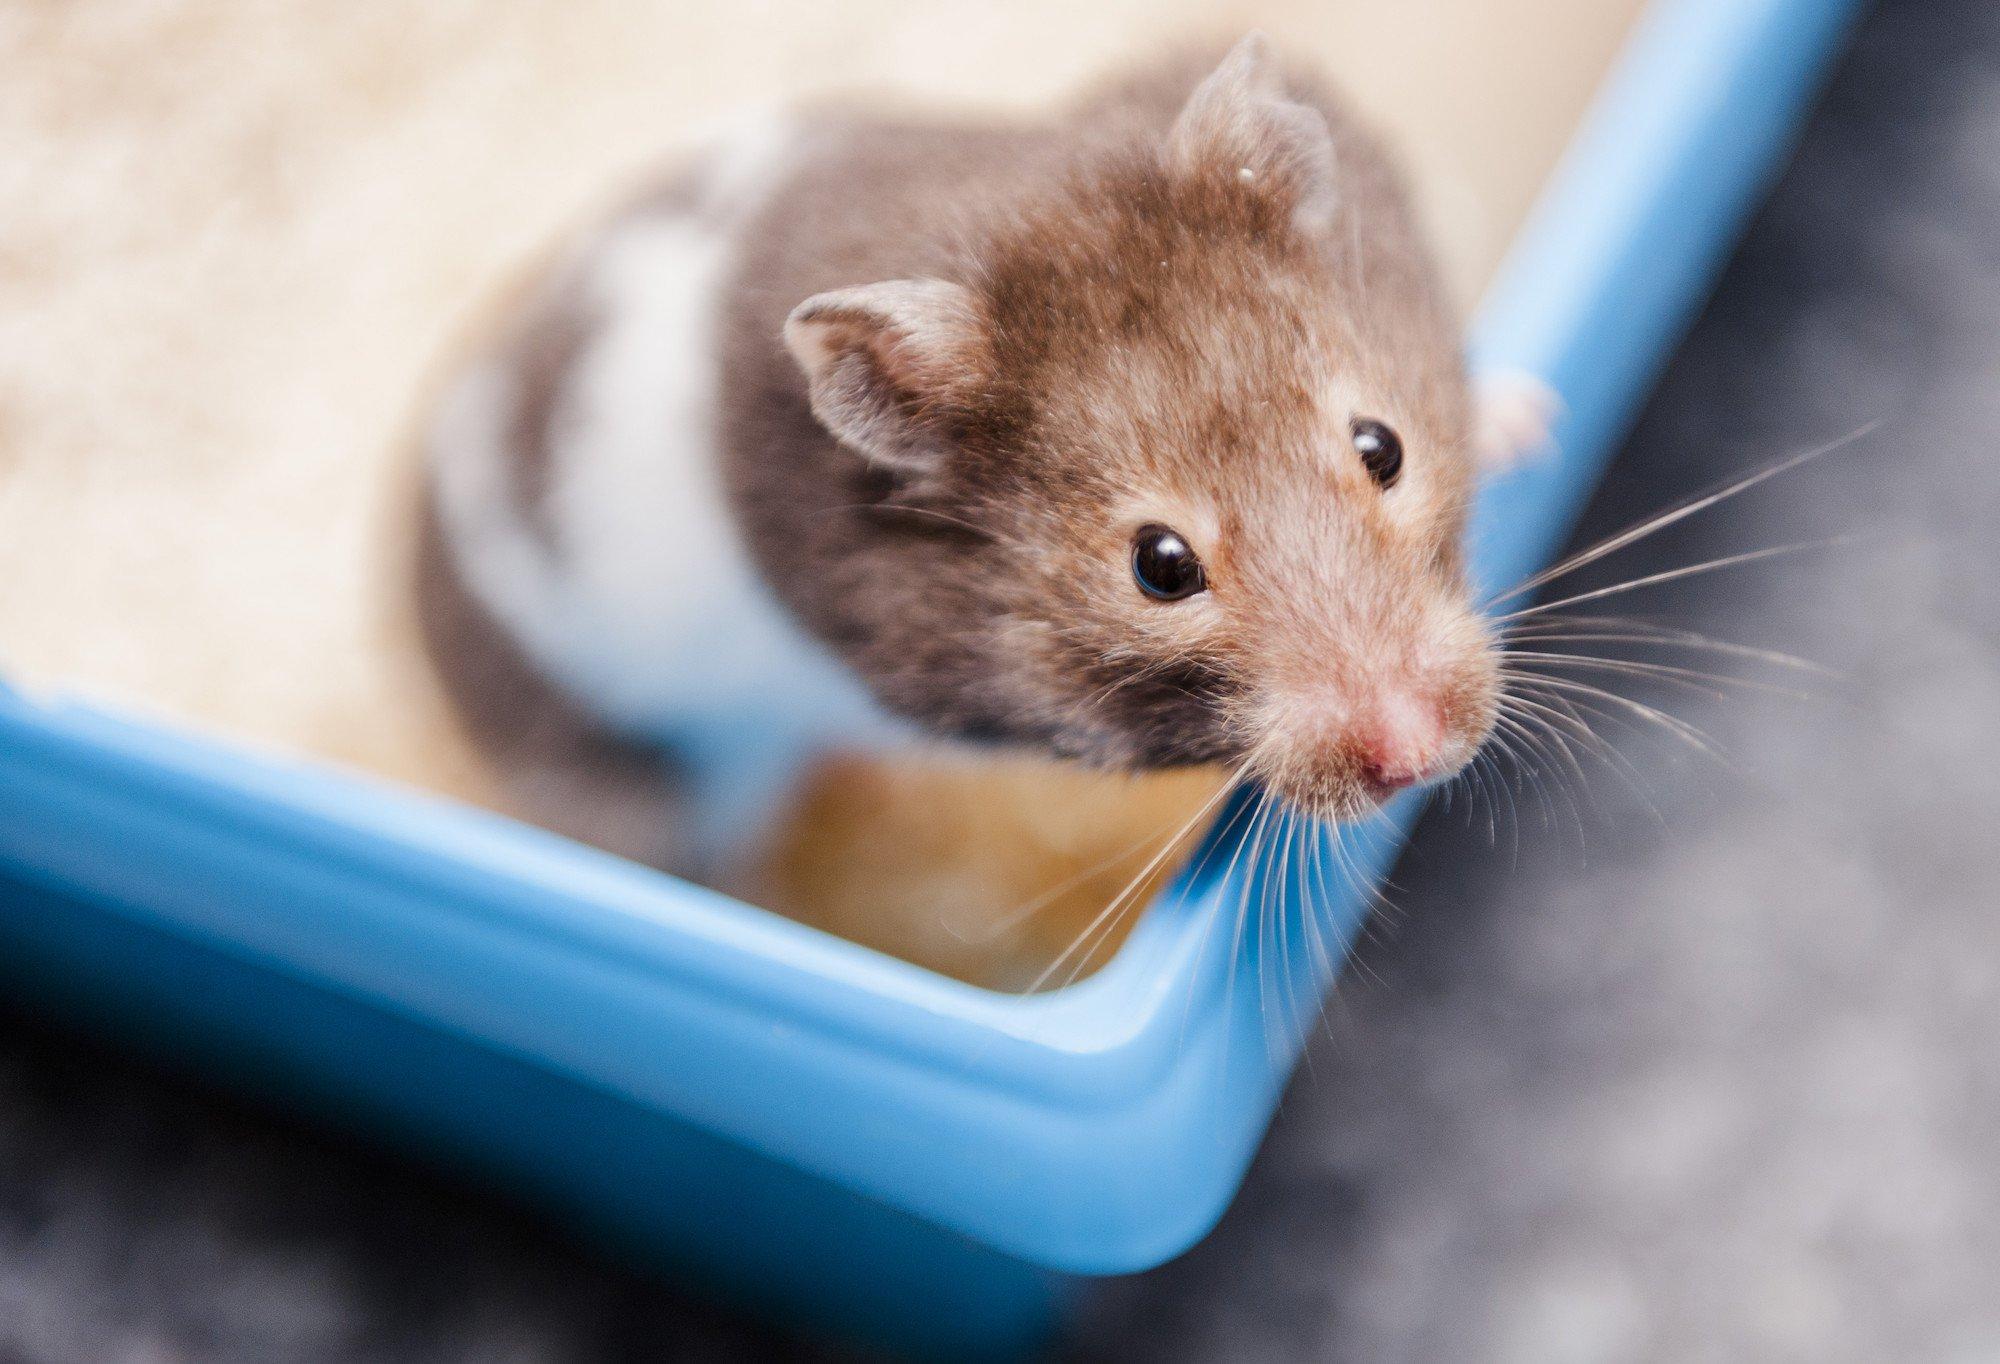 A nagyobb agyméret a kihalás nagyobb kockázatával jár az emlős állatoknál